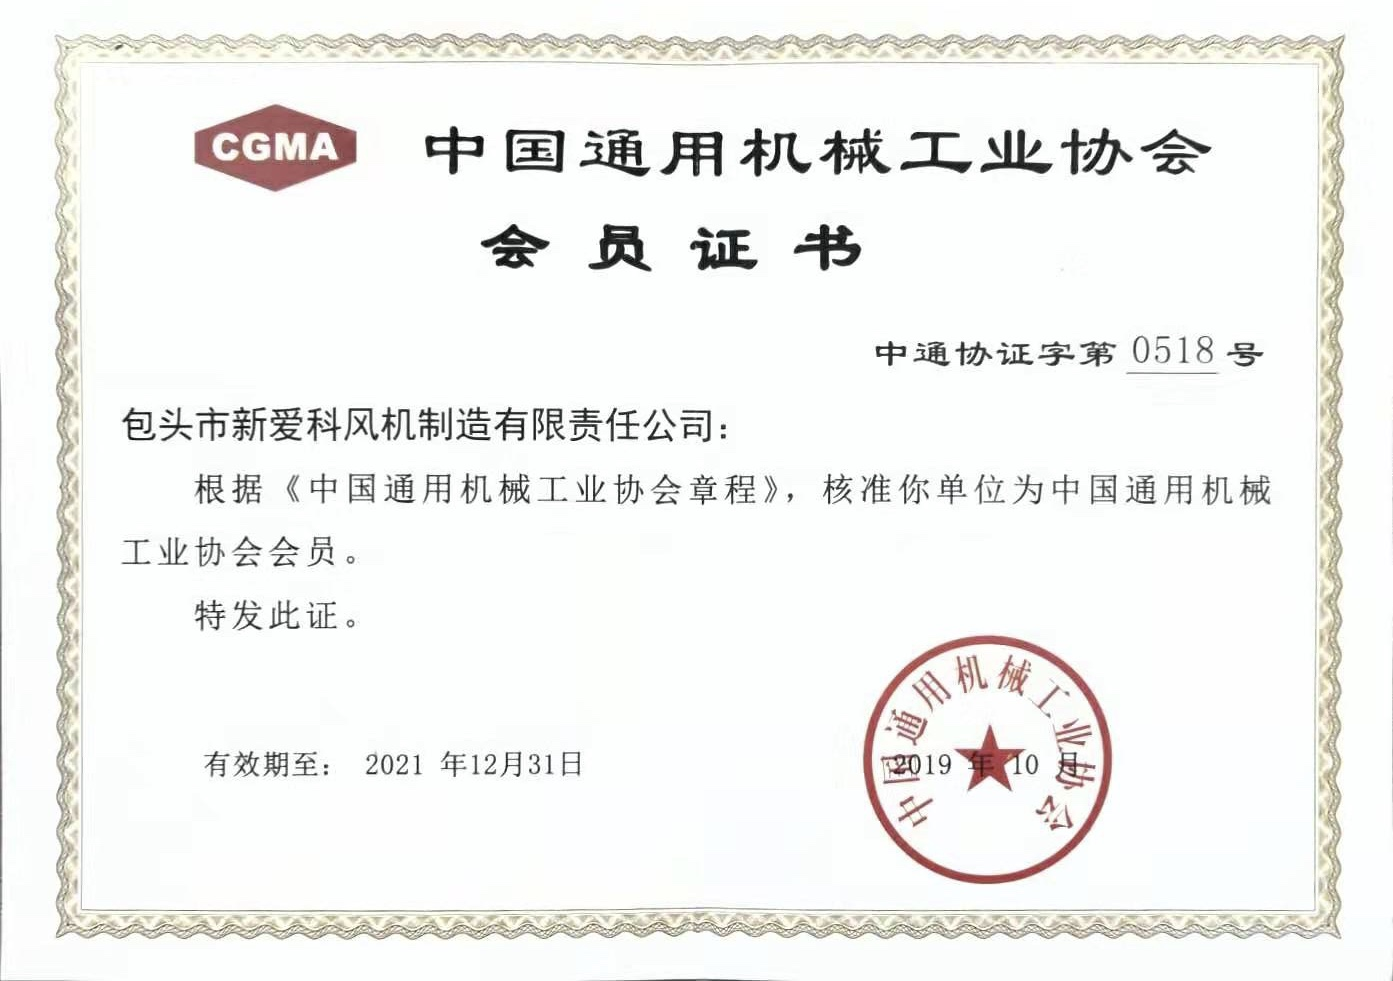 2019通用betway必威体育官网登录会员证书.jpg